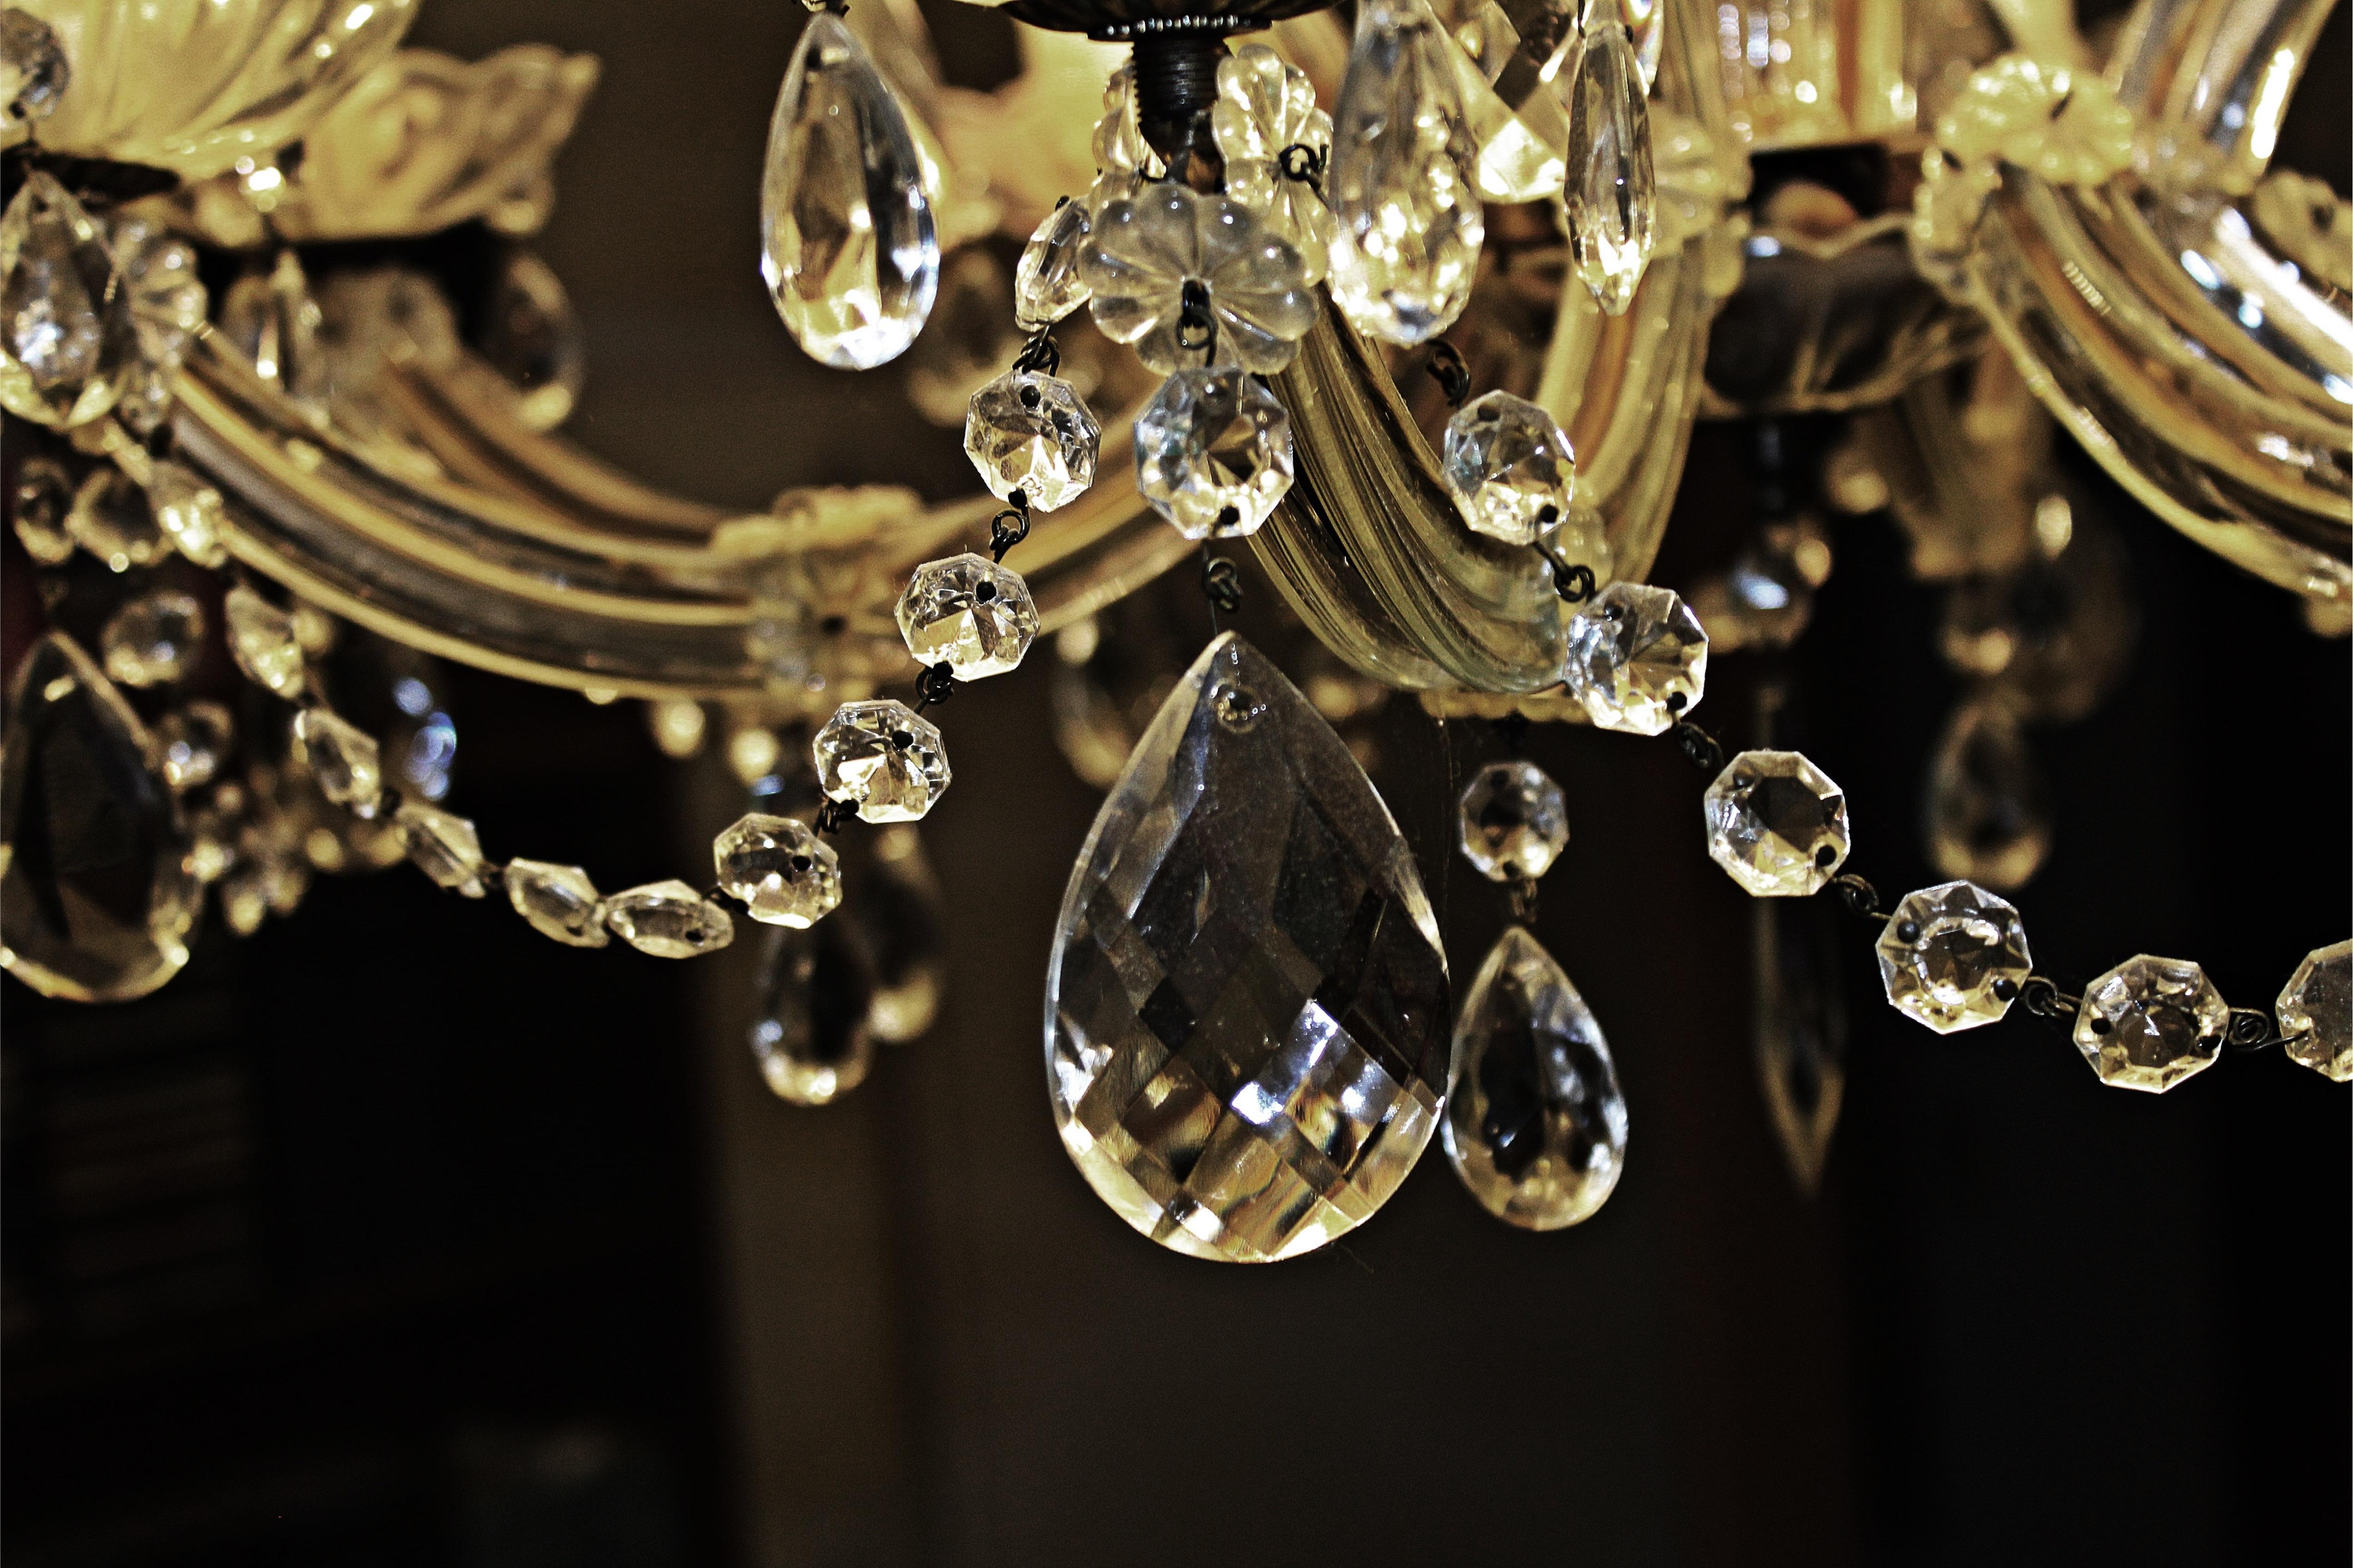 무료 이미지 장식 촛대 인테리어 디자인 전등 대기 실내 조명 크리스탈 유리 크리스탈